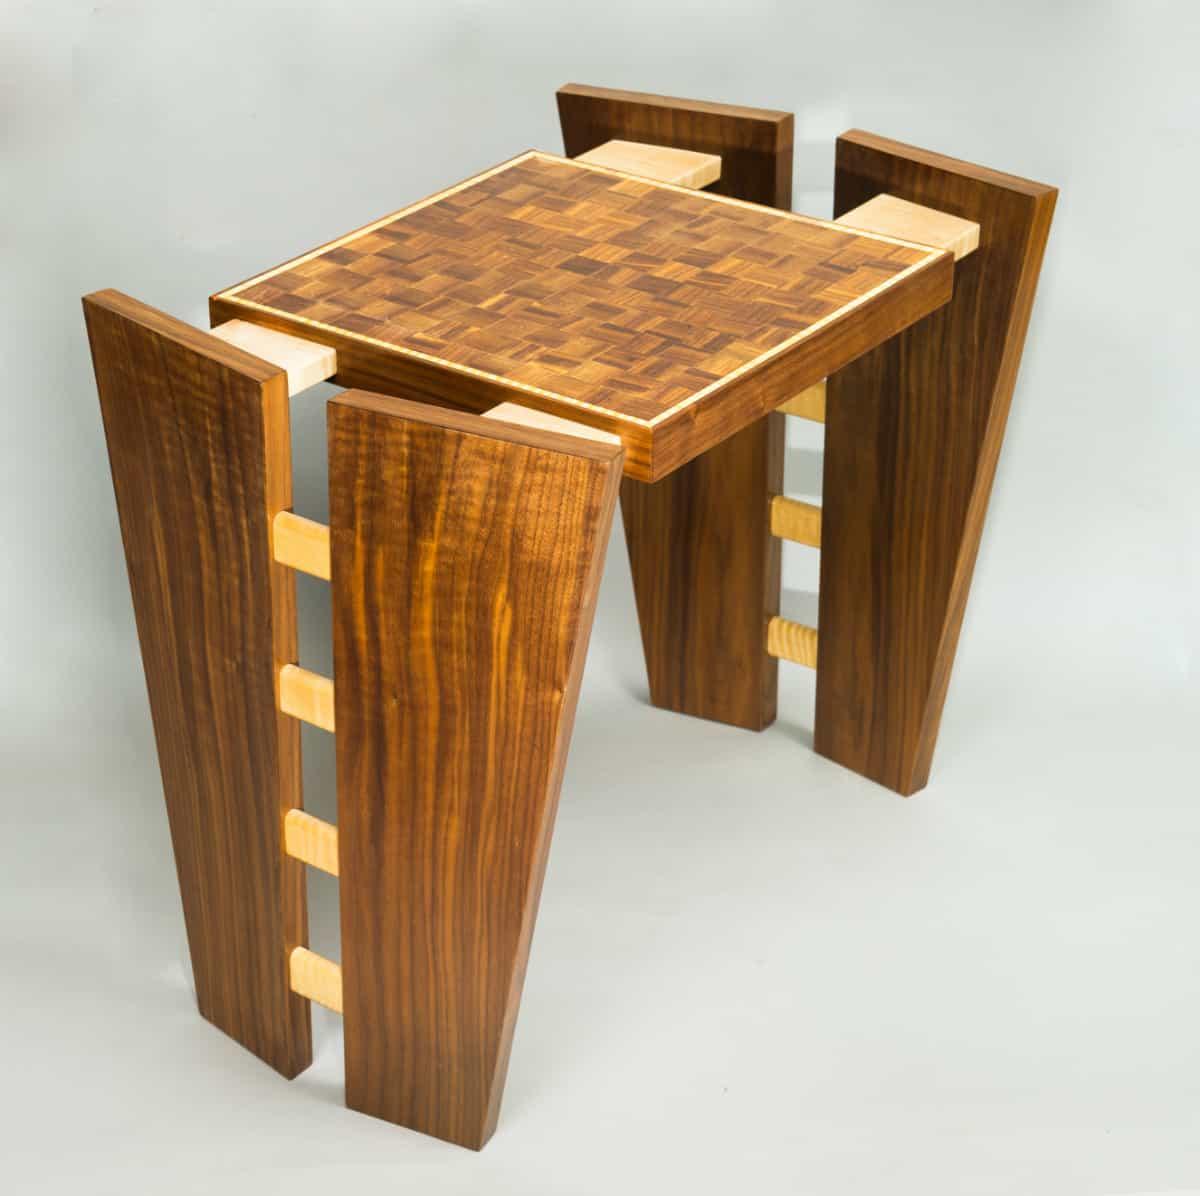 Steve Ryder furniture maker starwars table